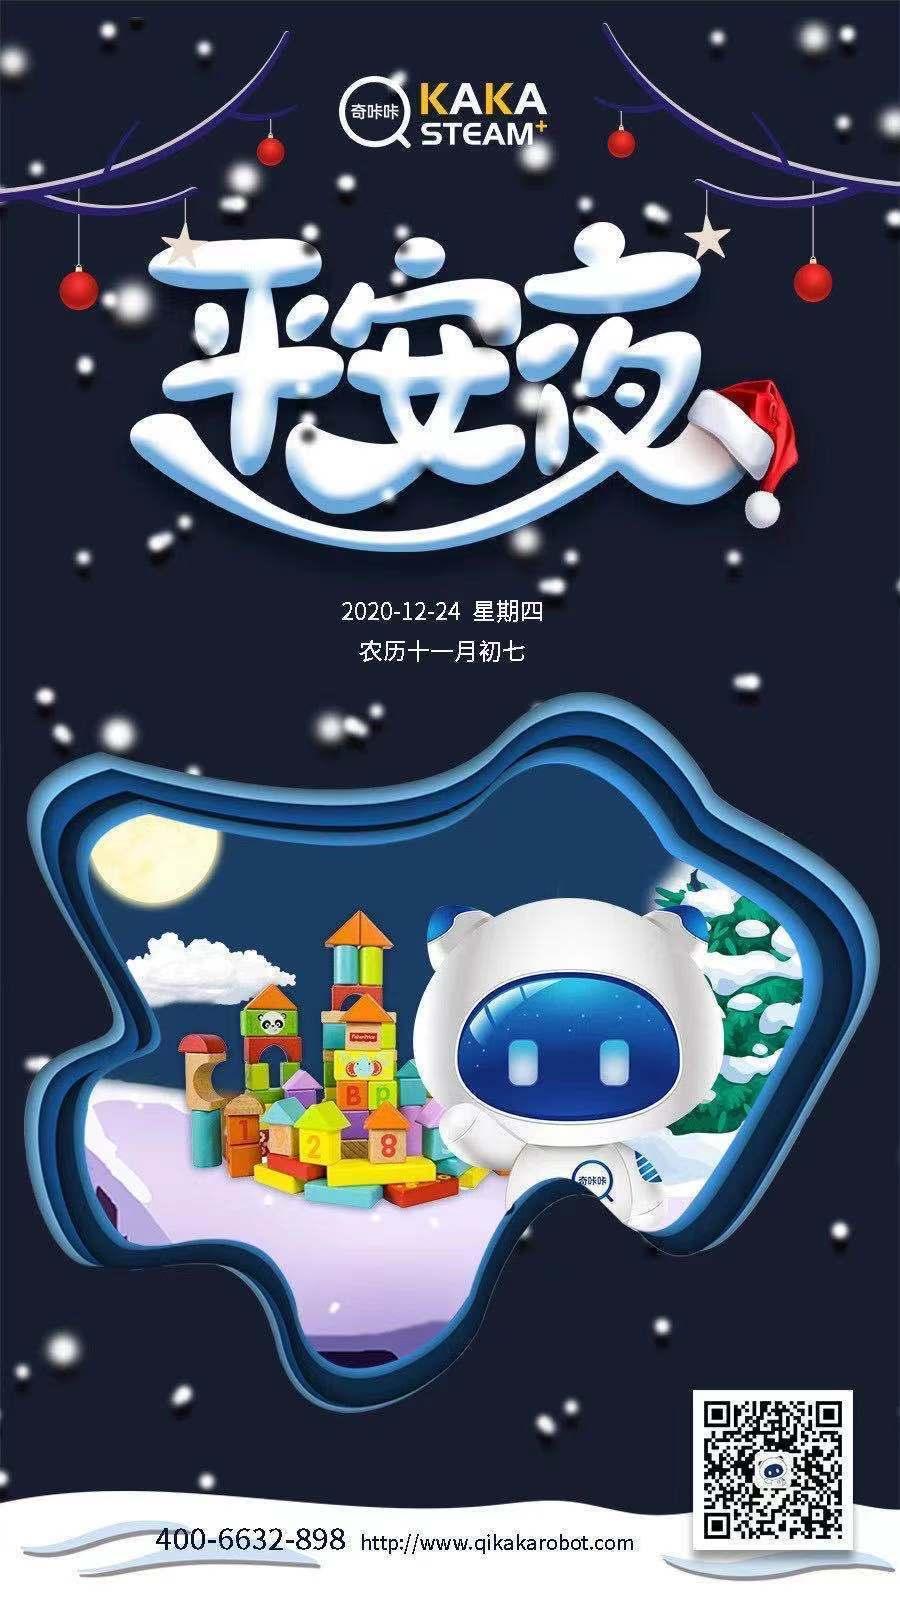 奇咔咔编程教育——平安夜圣诞穿越之旅即将开启